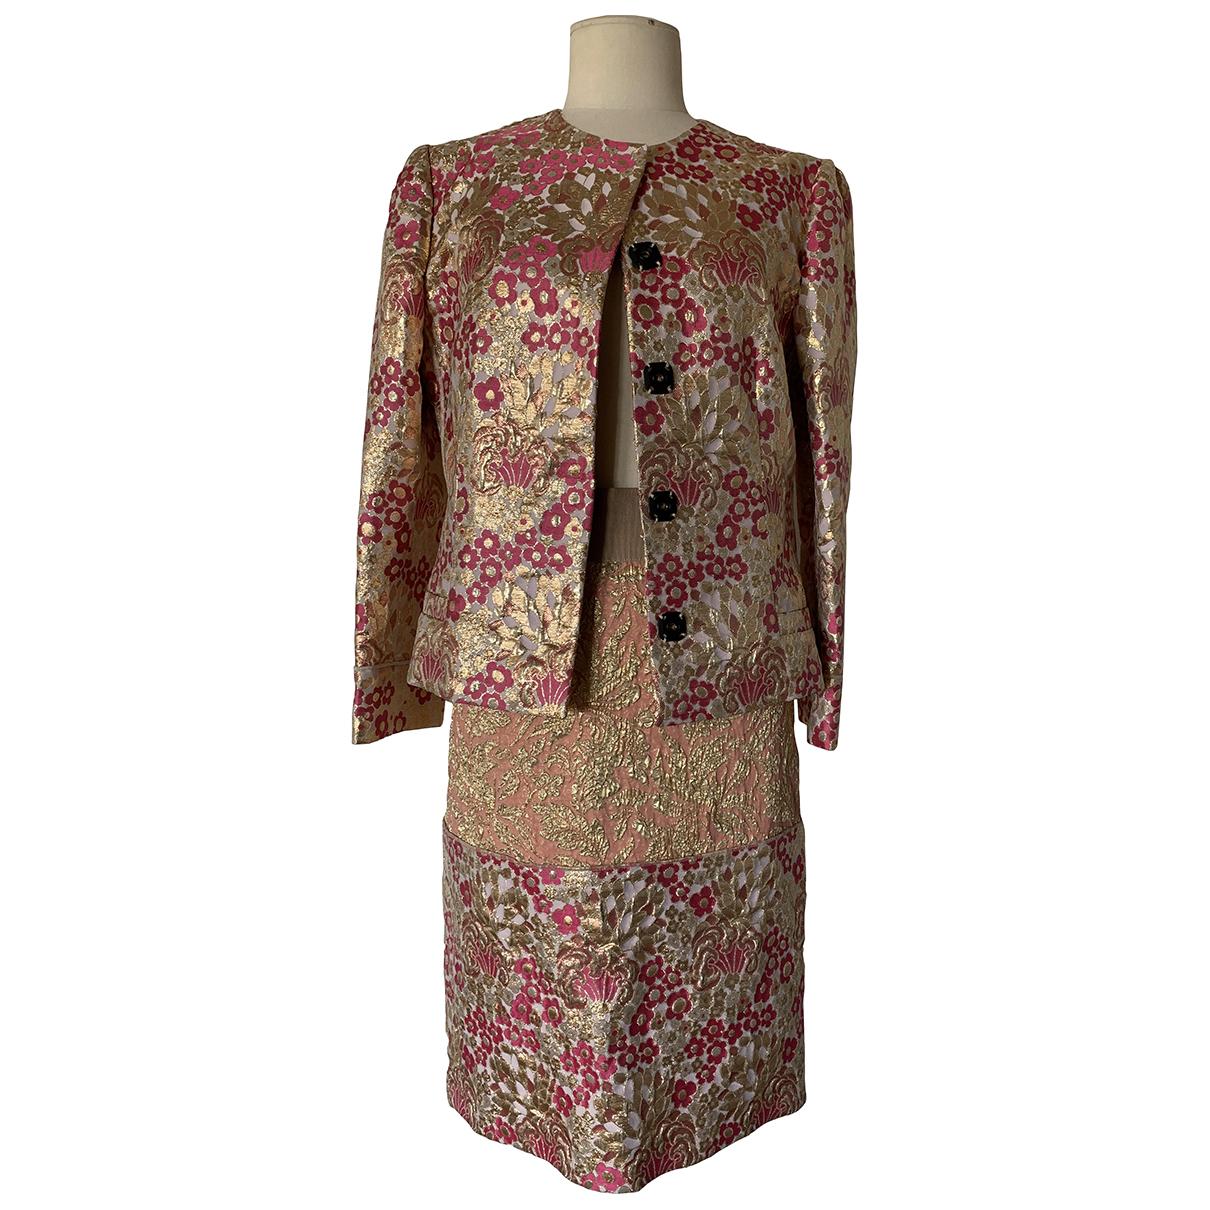 Dolce & Gabbana \N Metallic jacket for Women 44 IT